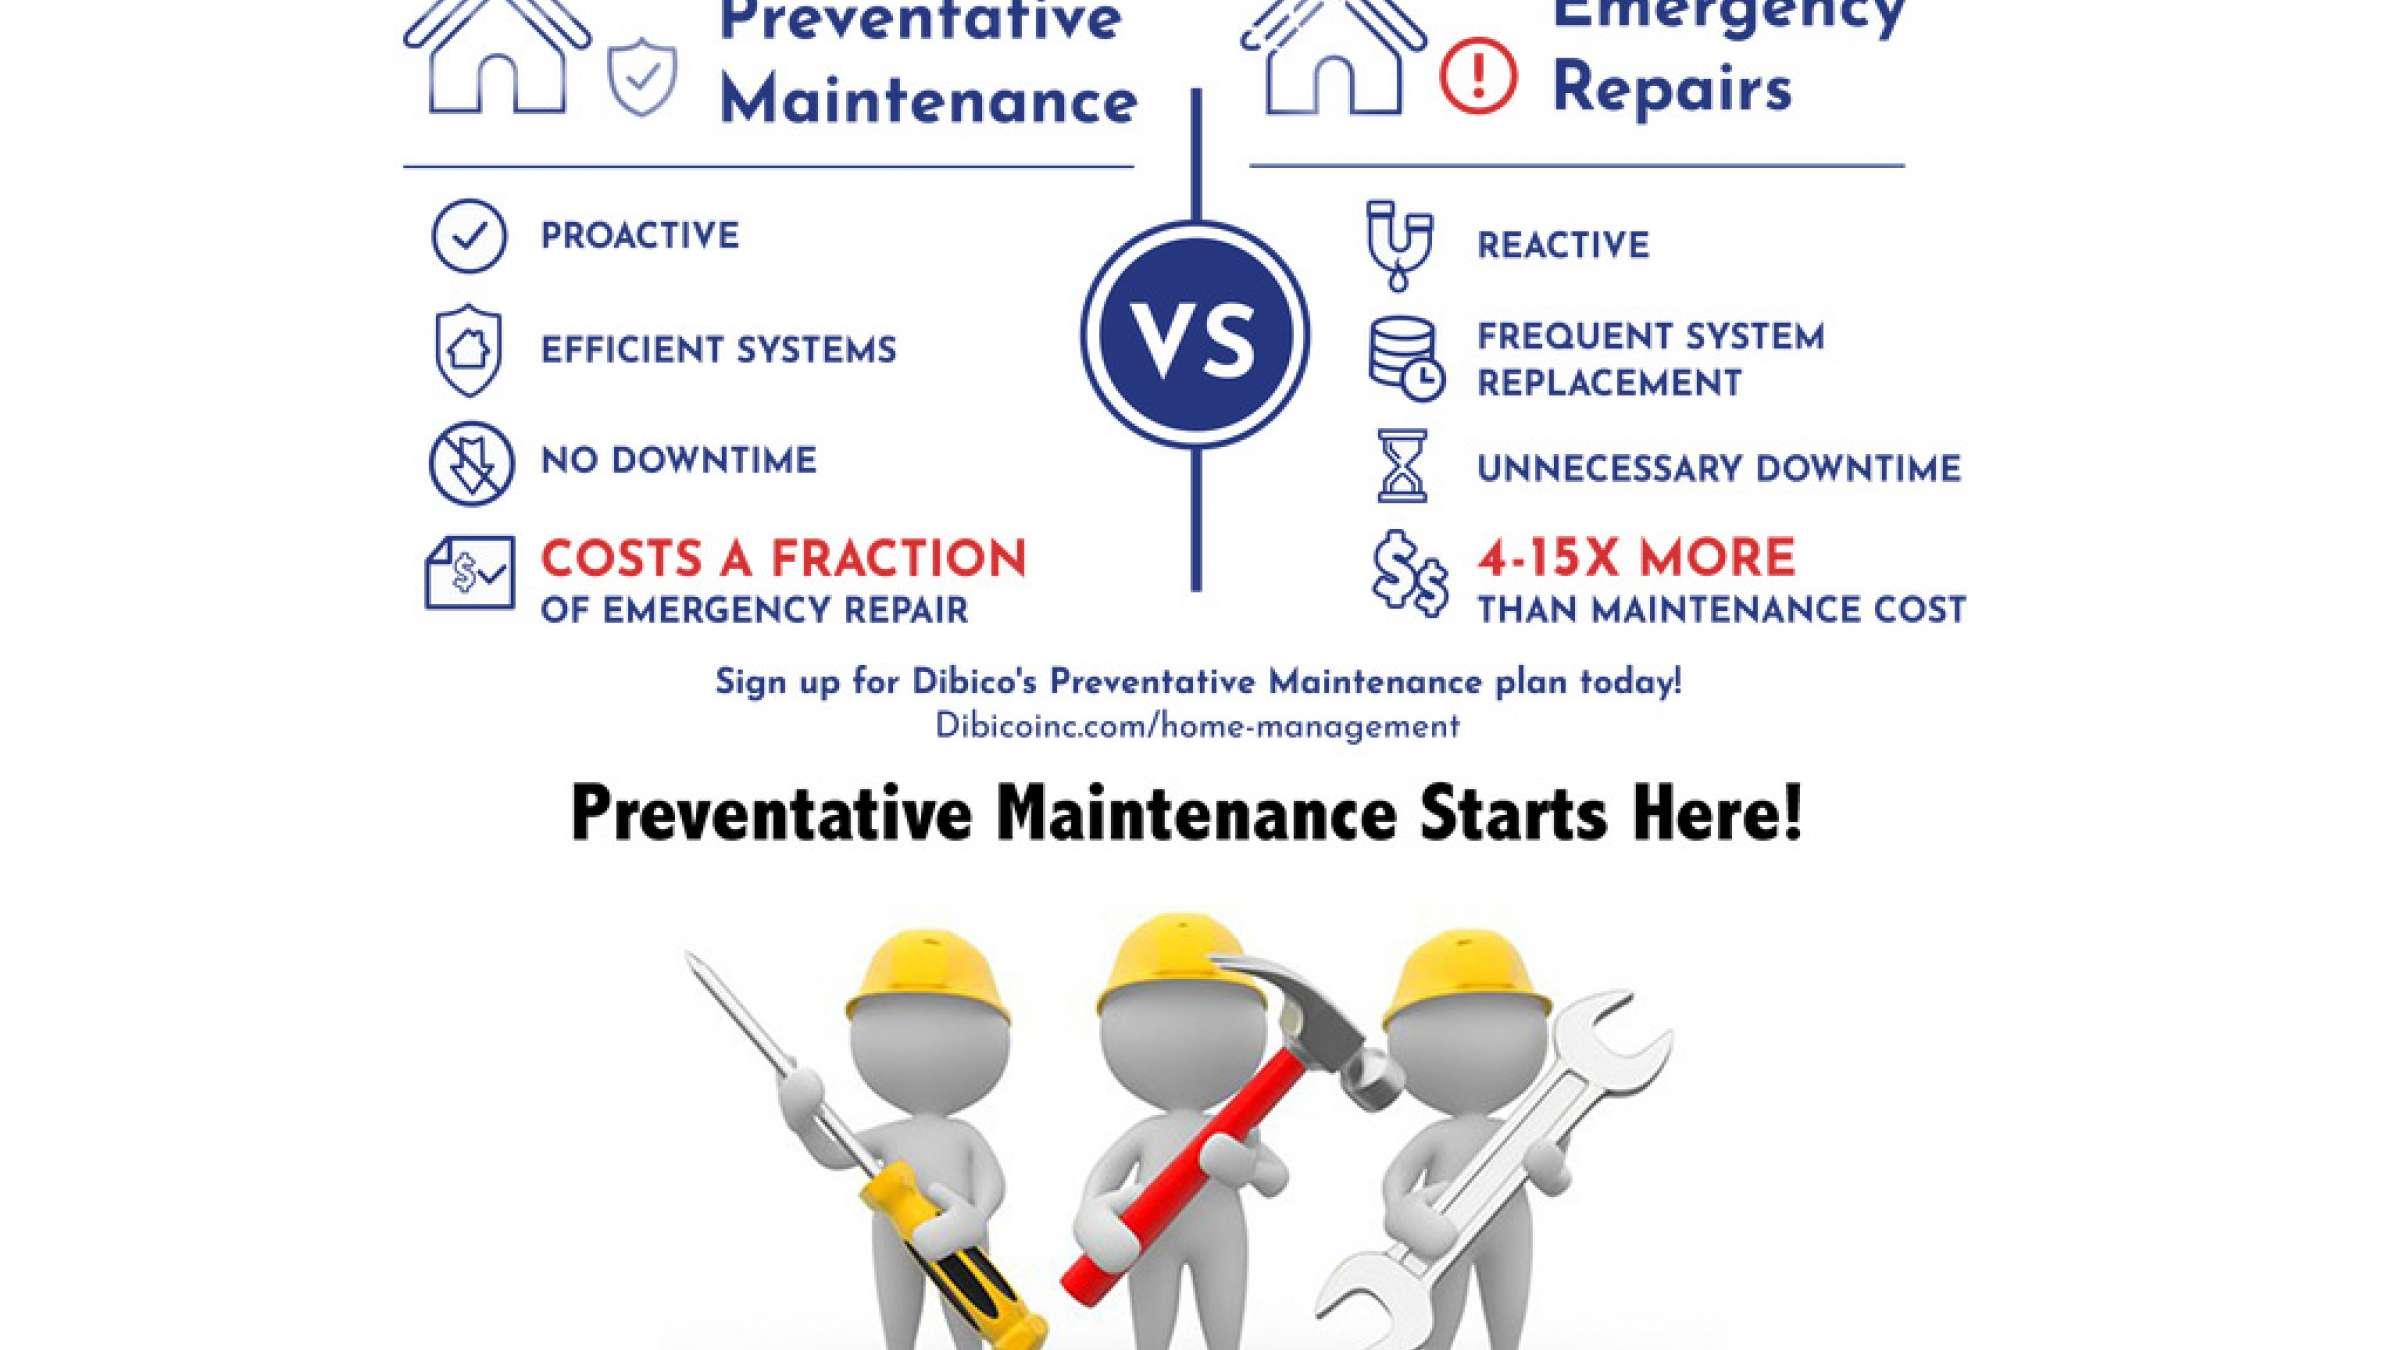 خانه-رامندی-نگهداری-از-تاسیسات-گرمایشی-و-سرمایشی-ساختمان-کیلو-چند